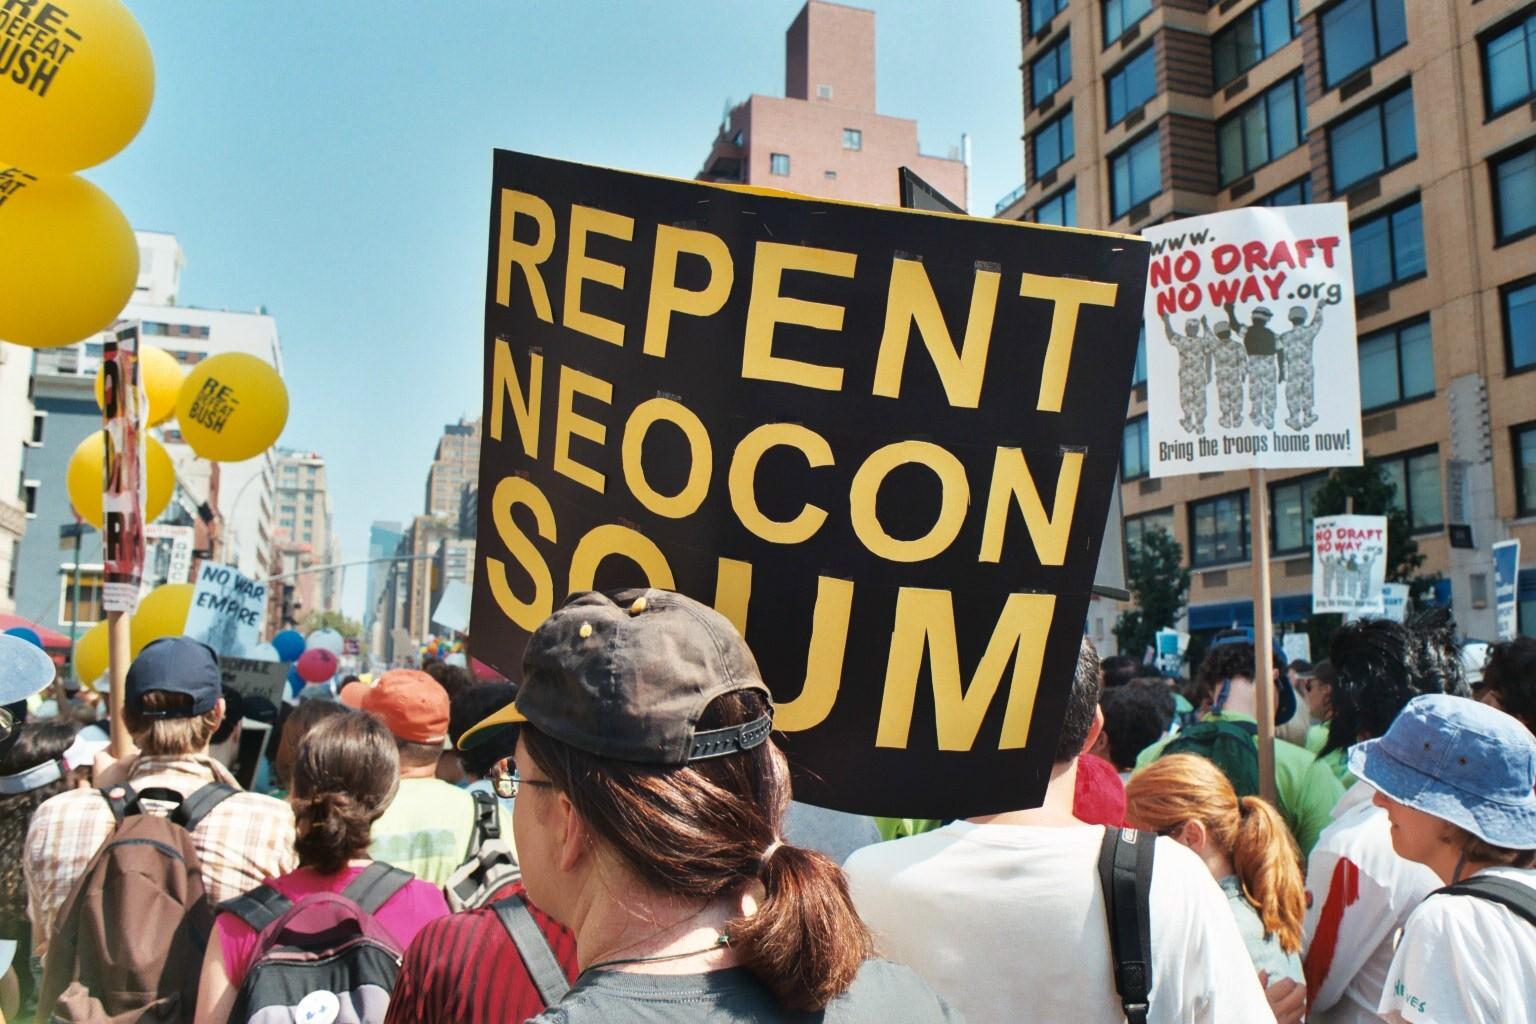 Repent Neocon Scum